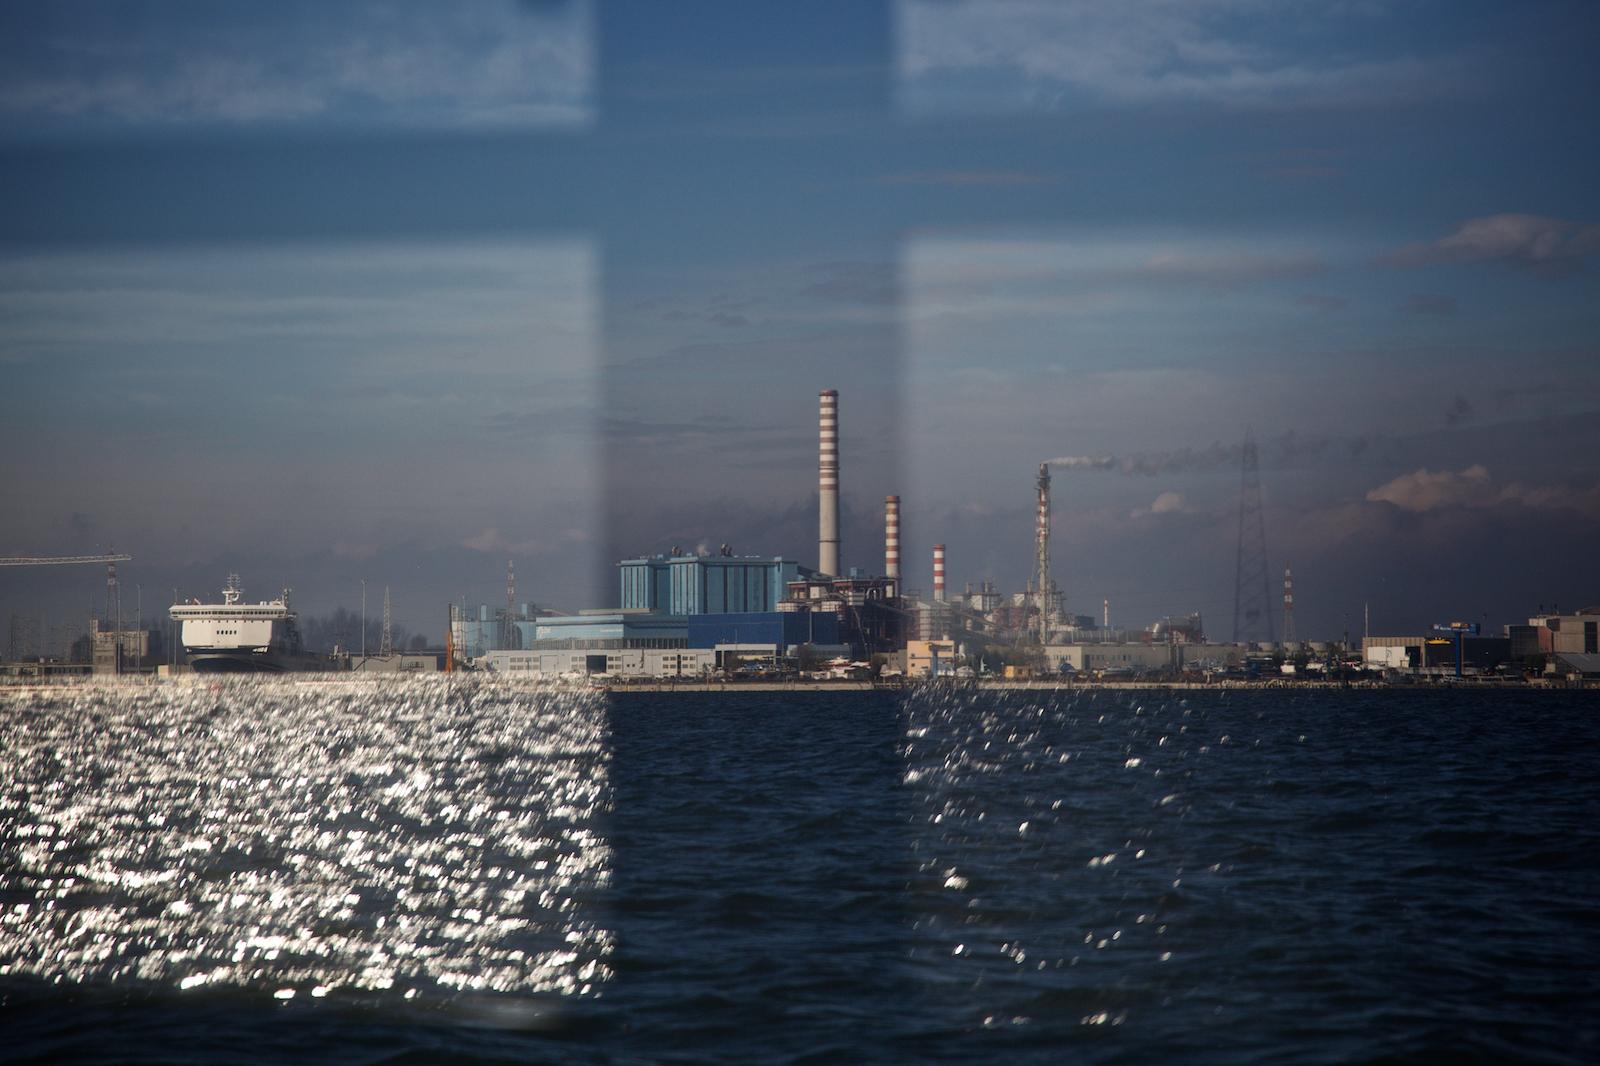 Vista della Centrale Enel Palladio di Porto Marghera dalla laguna di Venezia, Novembre 2014.